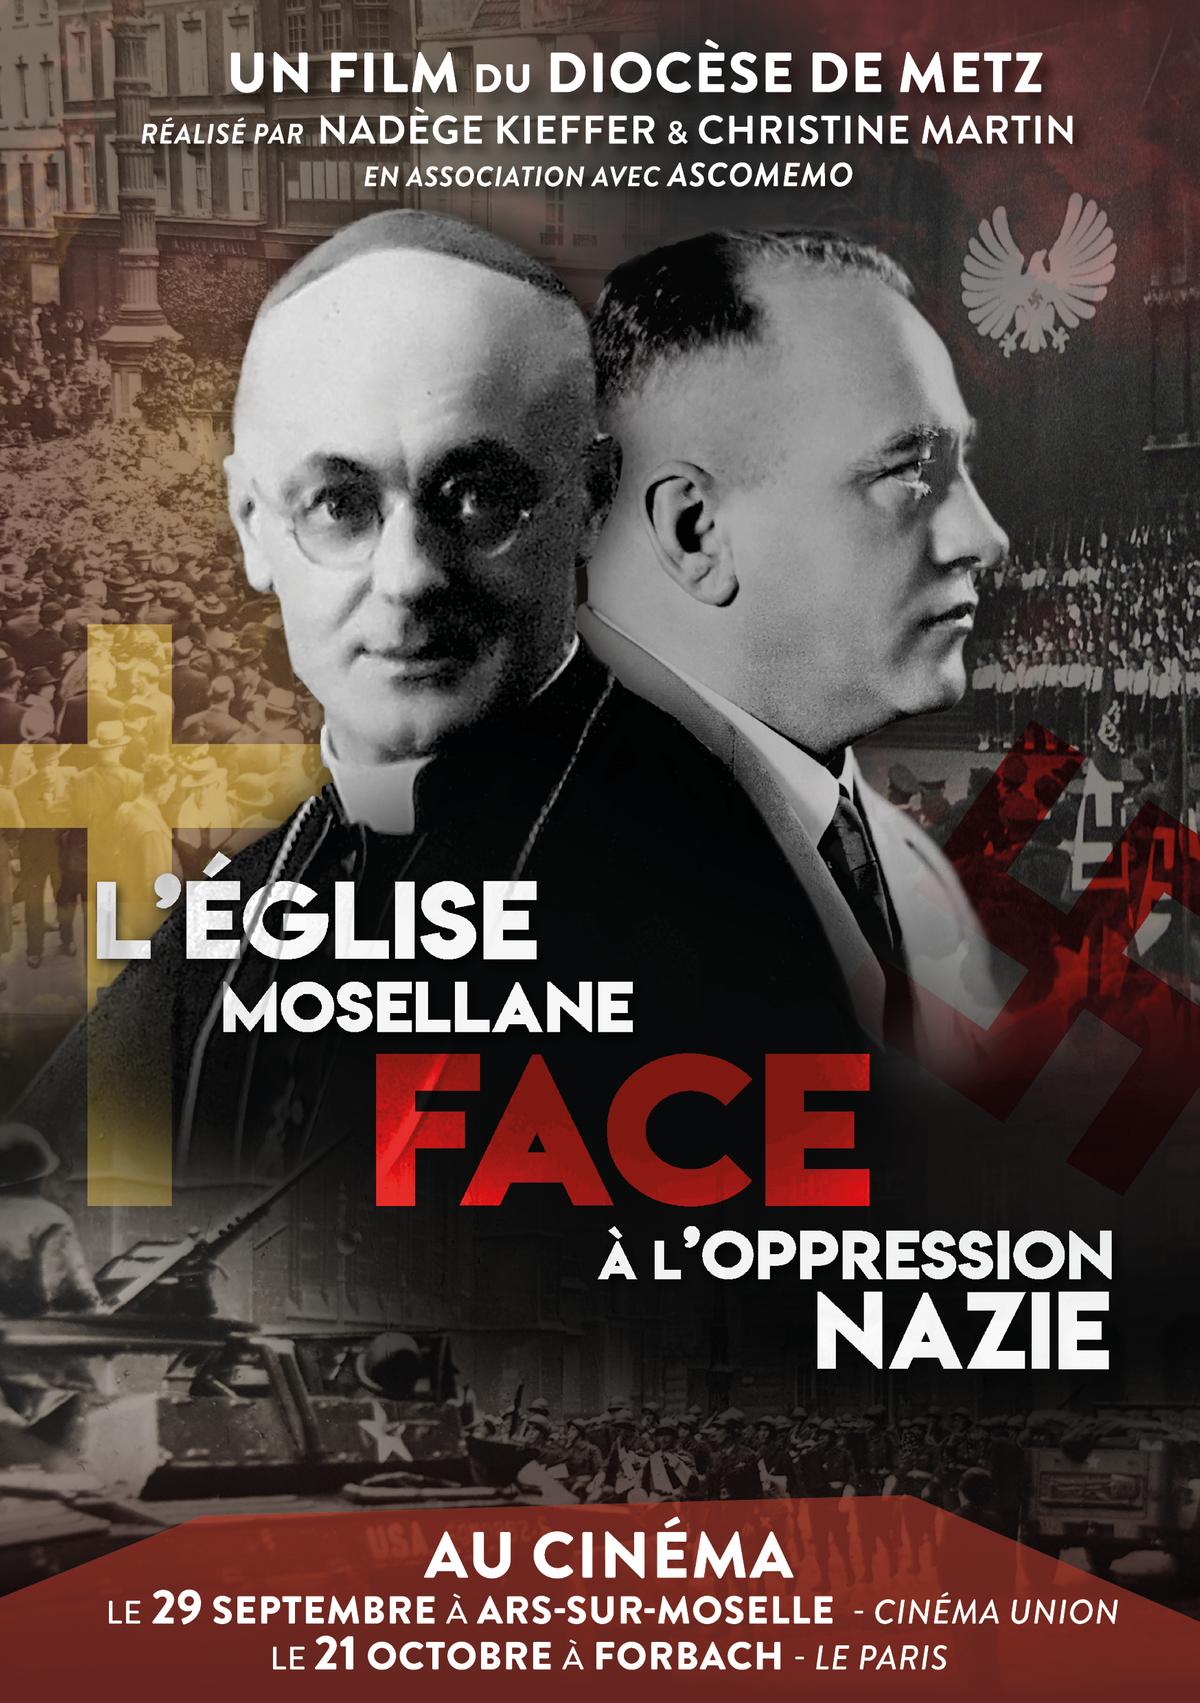 L'Église mosellane face à l'oppression nazie – Le film-documentaire projeté le 29 septembre à Ars-sur-Moselle (57) et à Forbach (57) le 21 octobre 2019